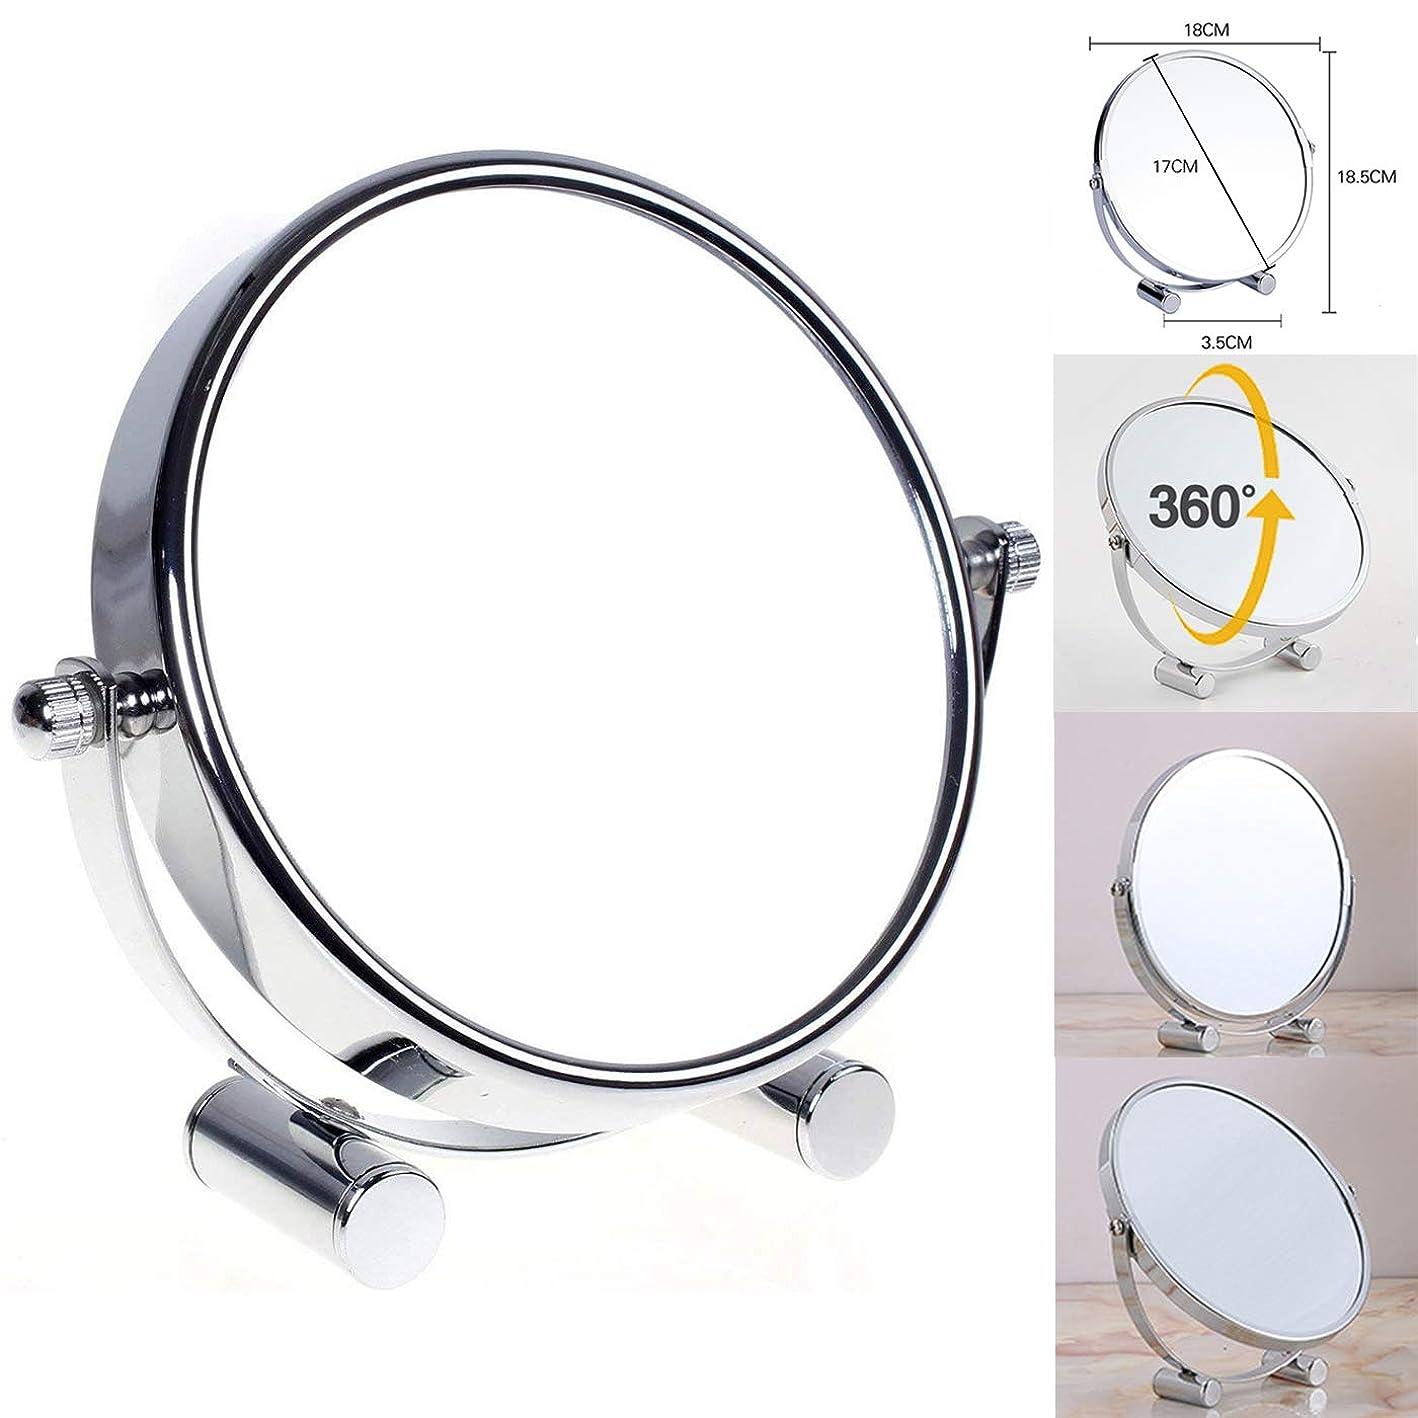 明確な教育スポーツマンデスクトップ両面化粧鏡2倍拡大美容メタルミラー浴室化粧台鏡